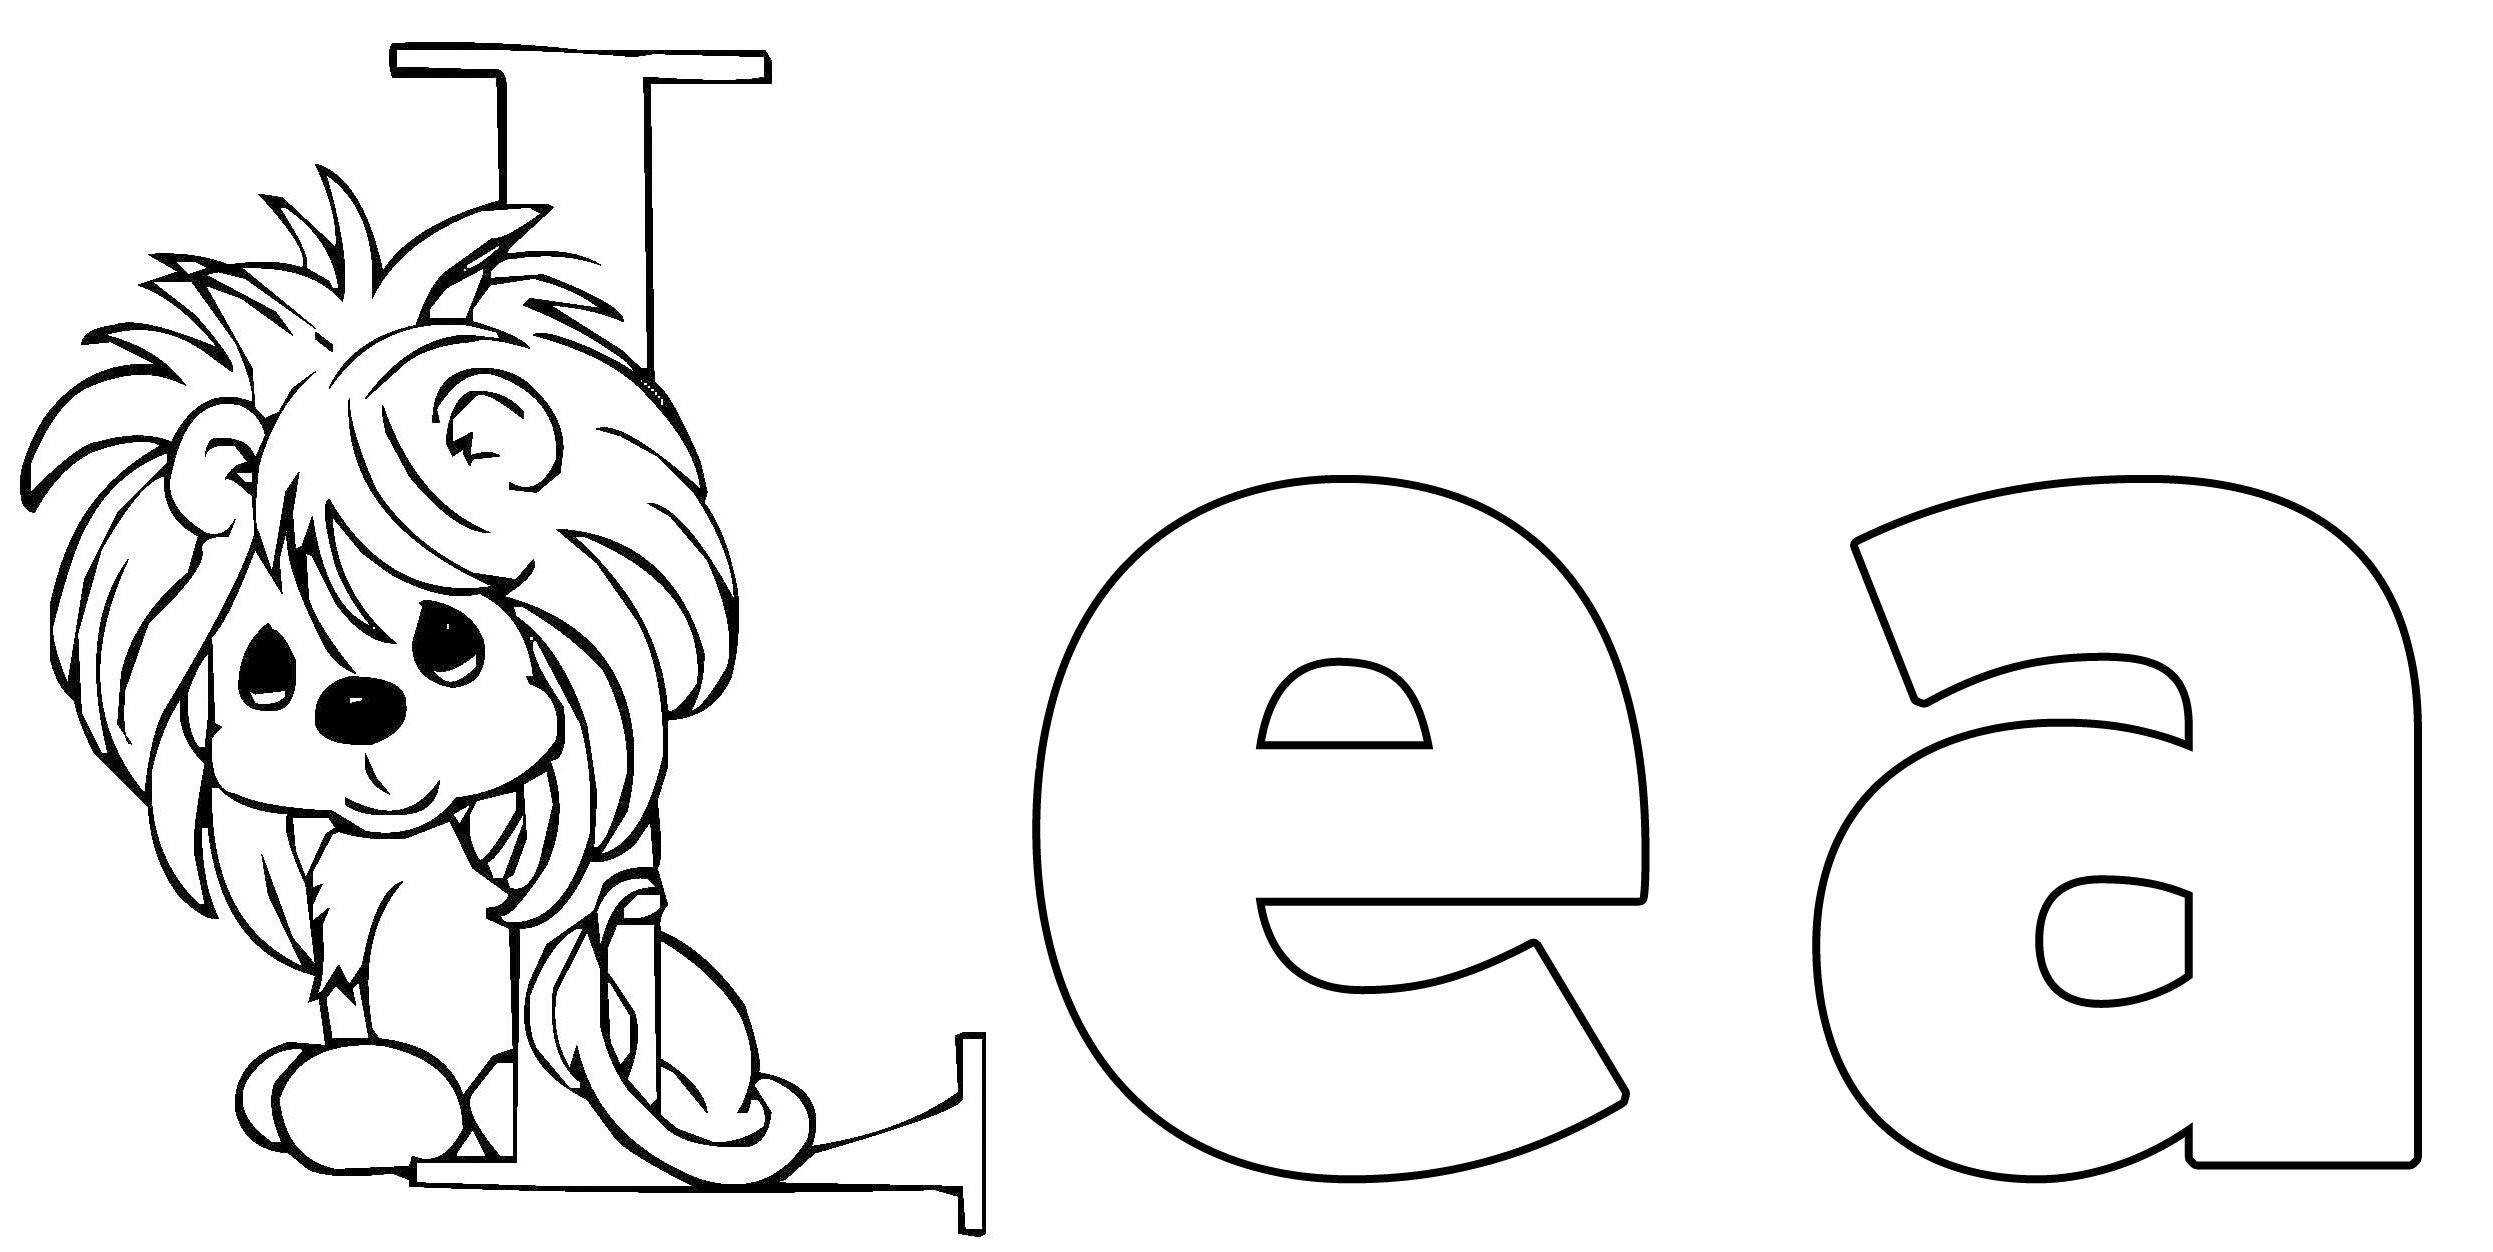 Ausmalbild Beliebte Mädchennamen: Lea kostenlos ausdrucken